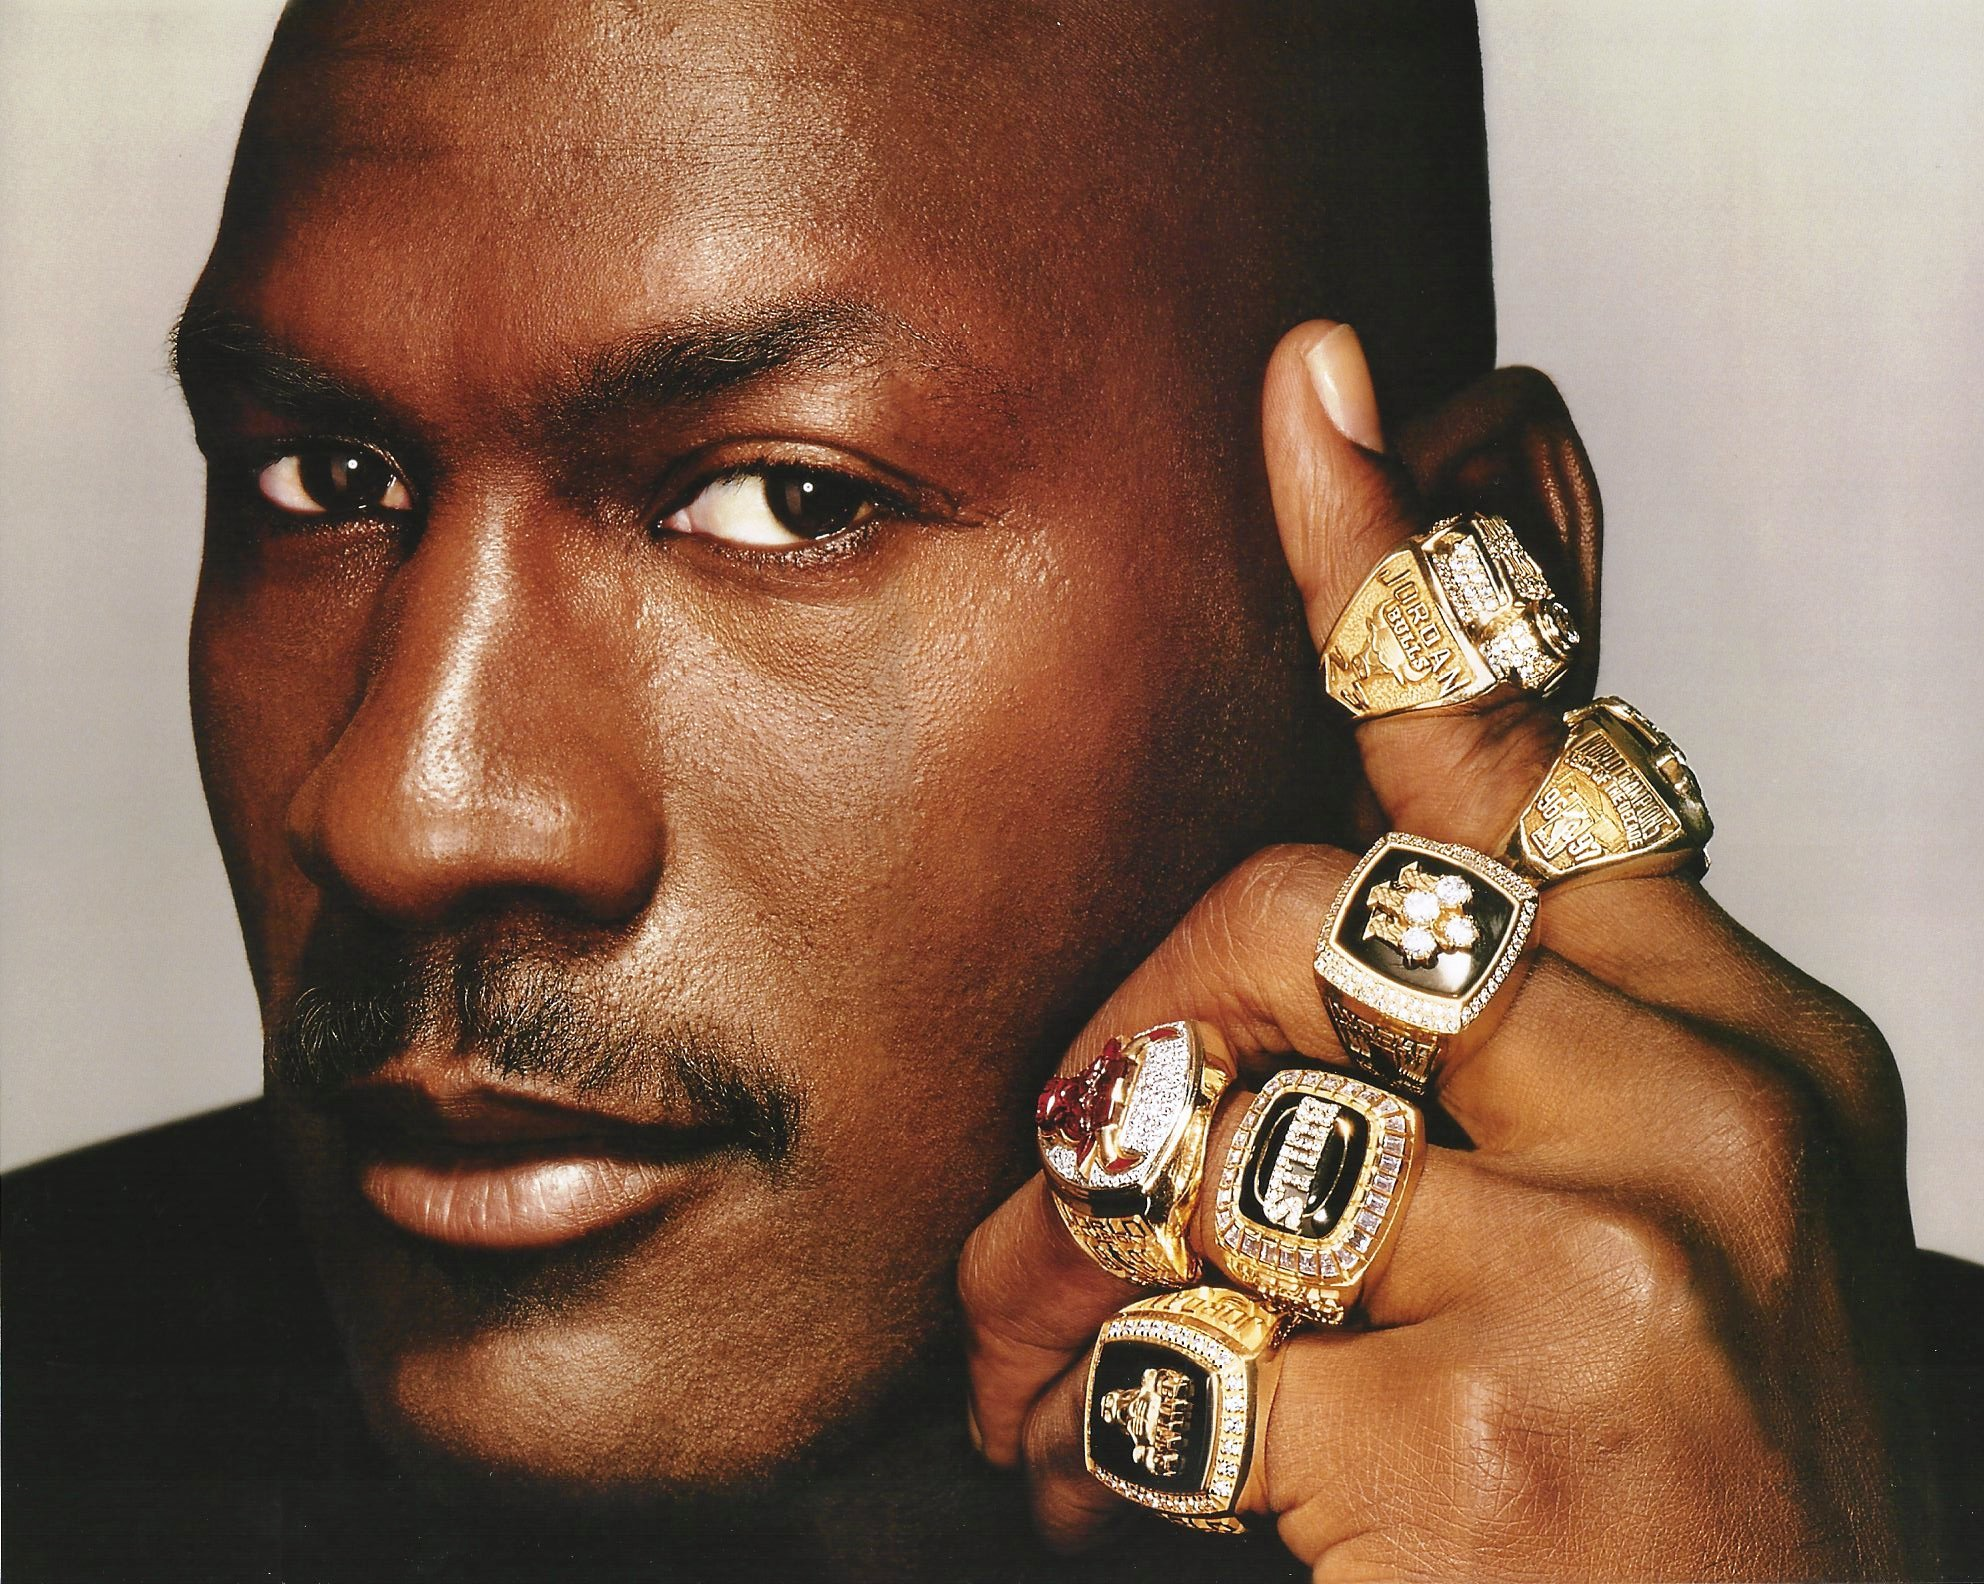 MJ has6 rings Jim Loscutoff has7 Rings. Ergo Jim Loscutoff > Michael Jordan right?